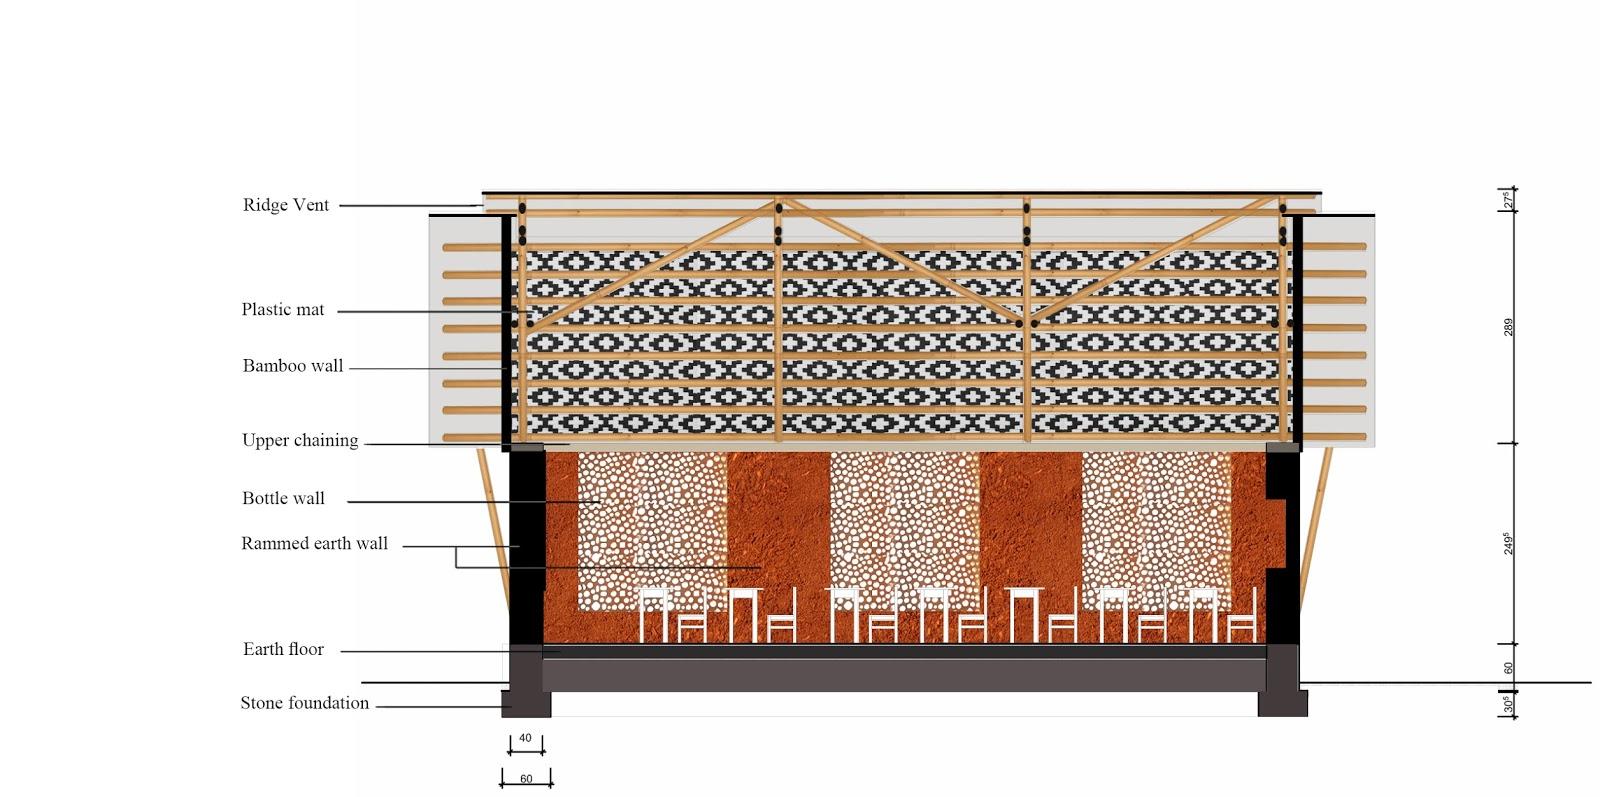 virginie farges architecture cologique corr ze limousin brive limoges maison bois une ecole. Black Bedroom Furniture Sets. Home Design Ideas